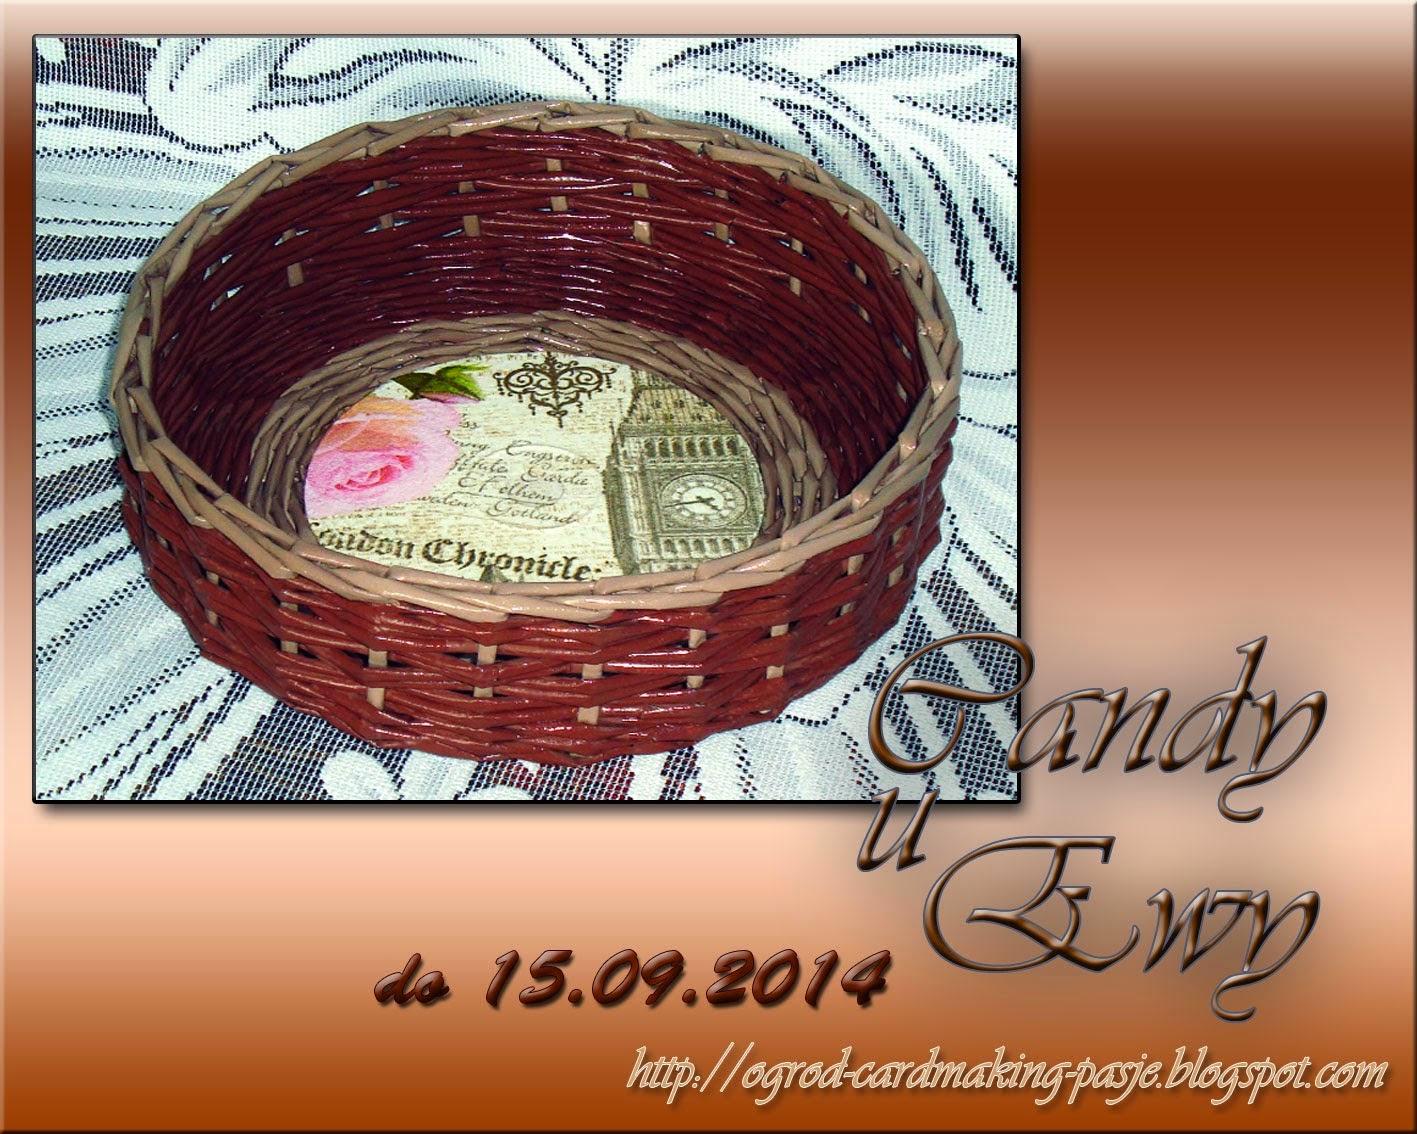 Candy u Ewy do 15.09.